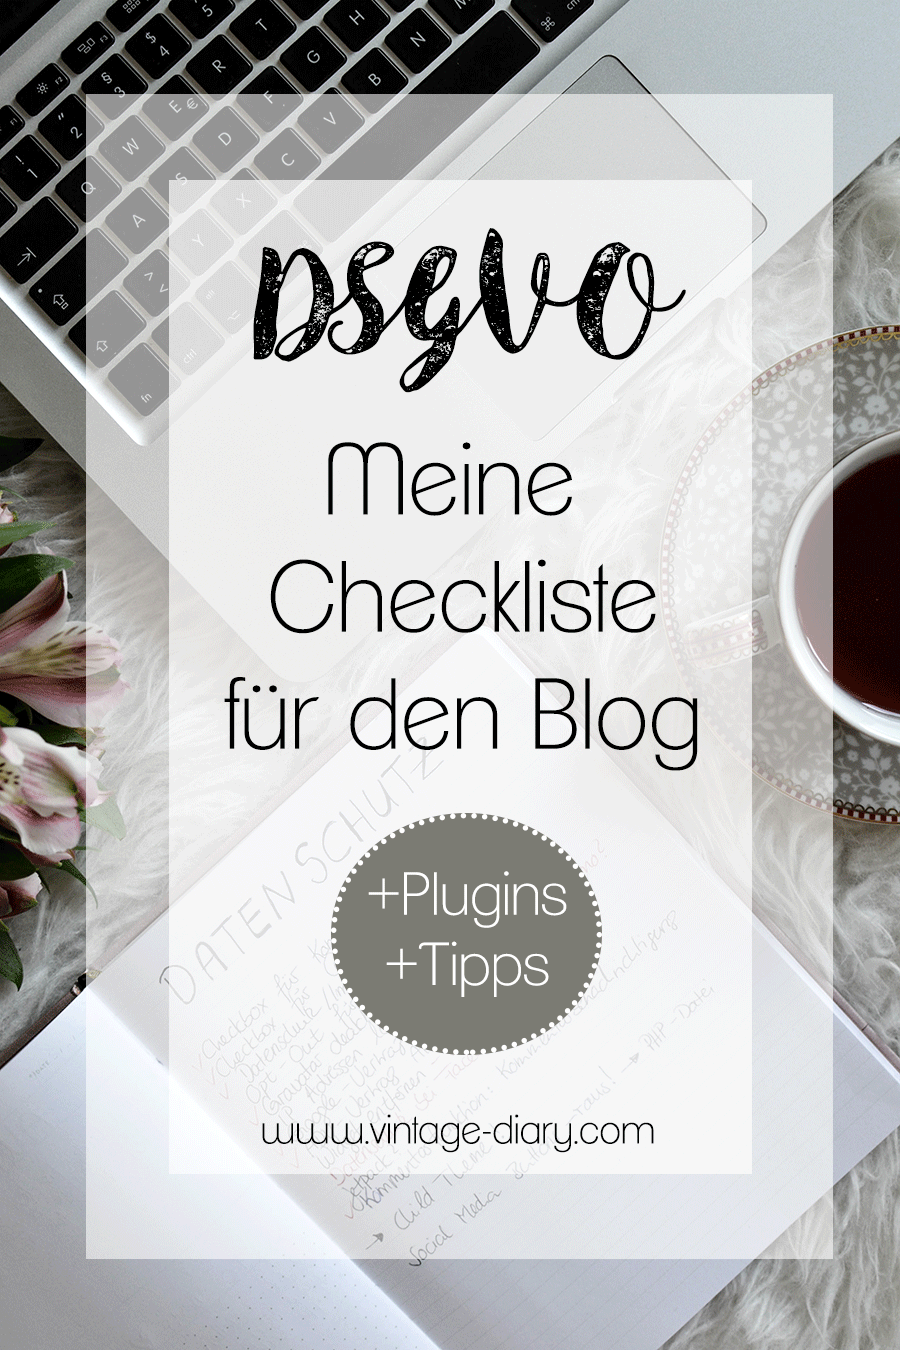 DSGVO - MEINE CHECKLISTE FÜR DEN BLOG